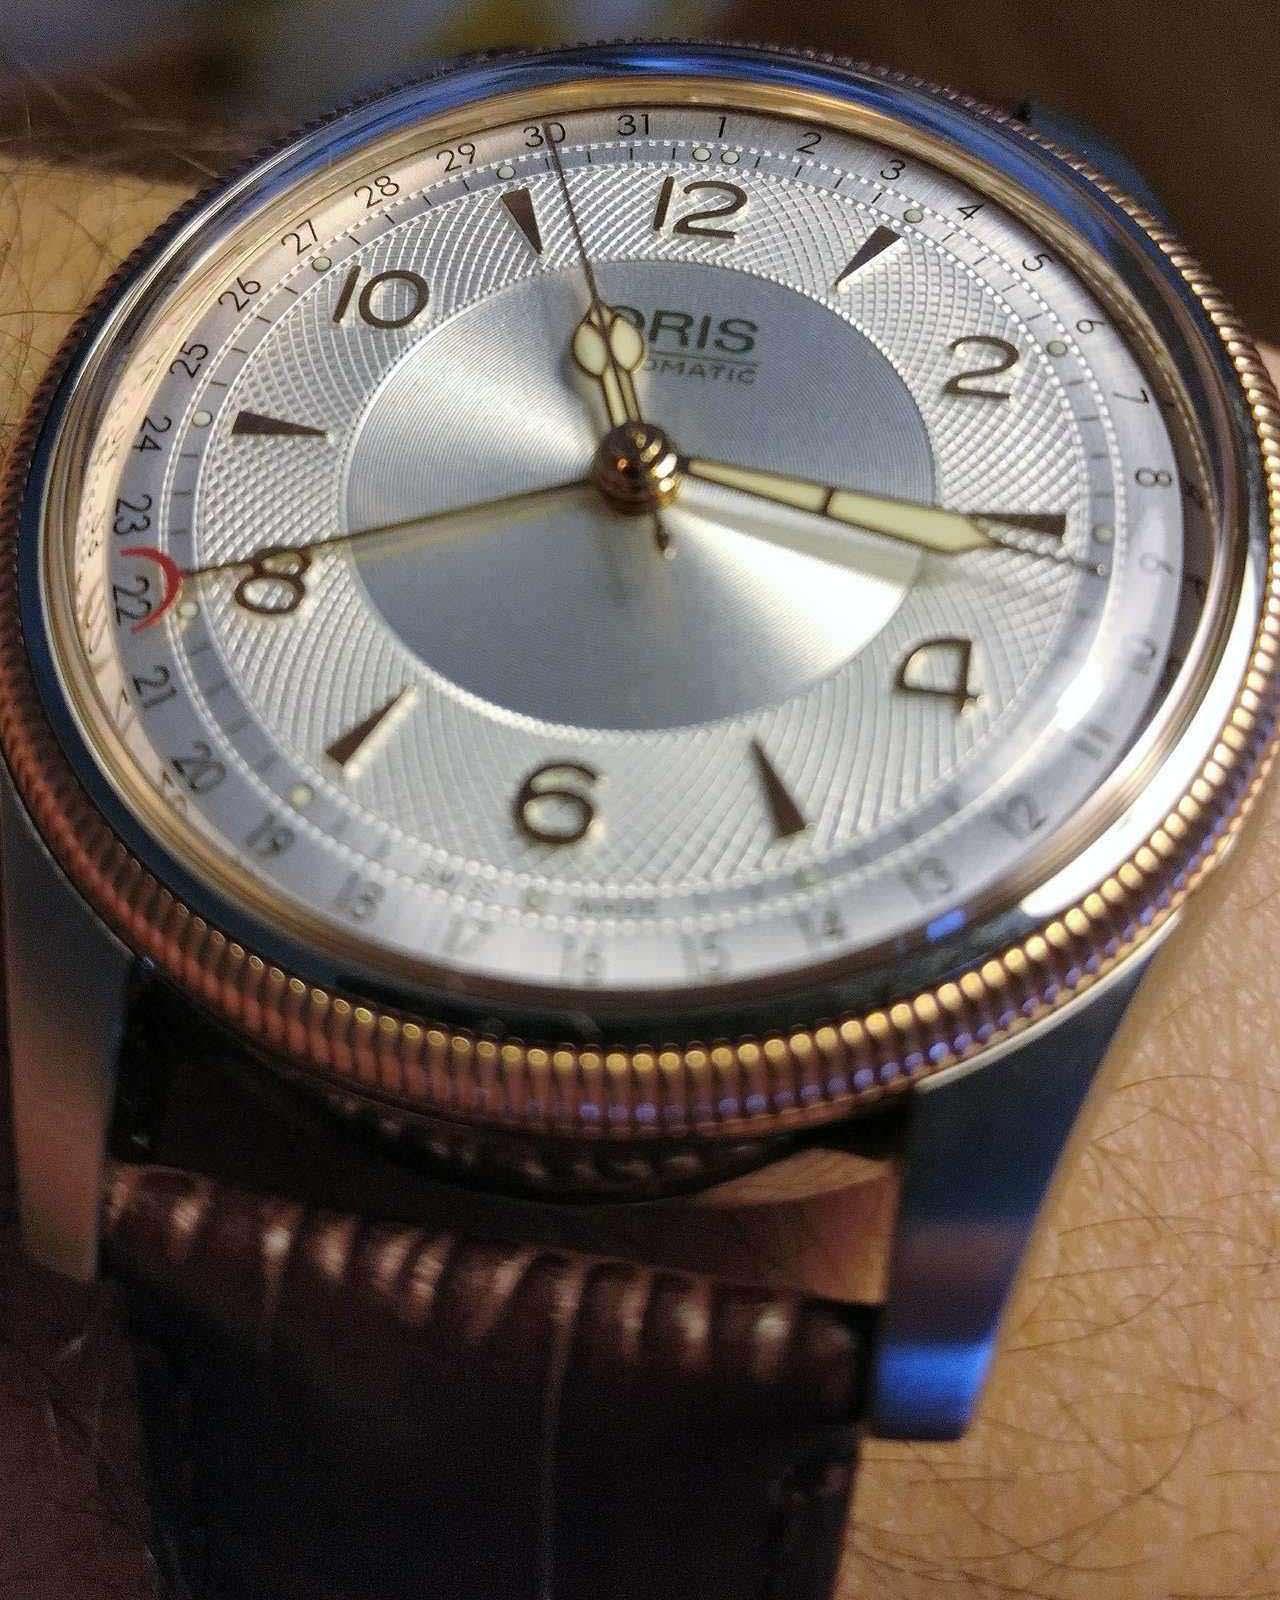 Replica Uhren Audemars Piguet-as